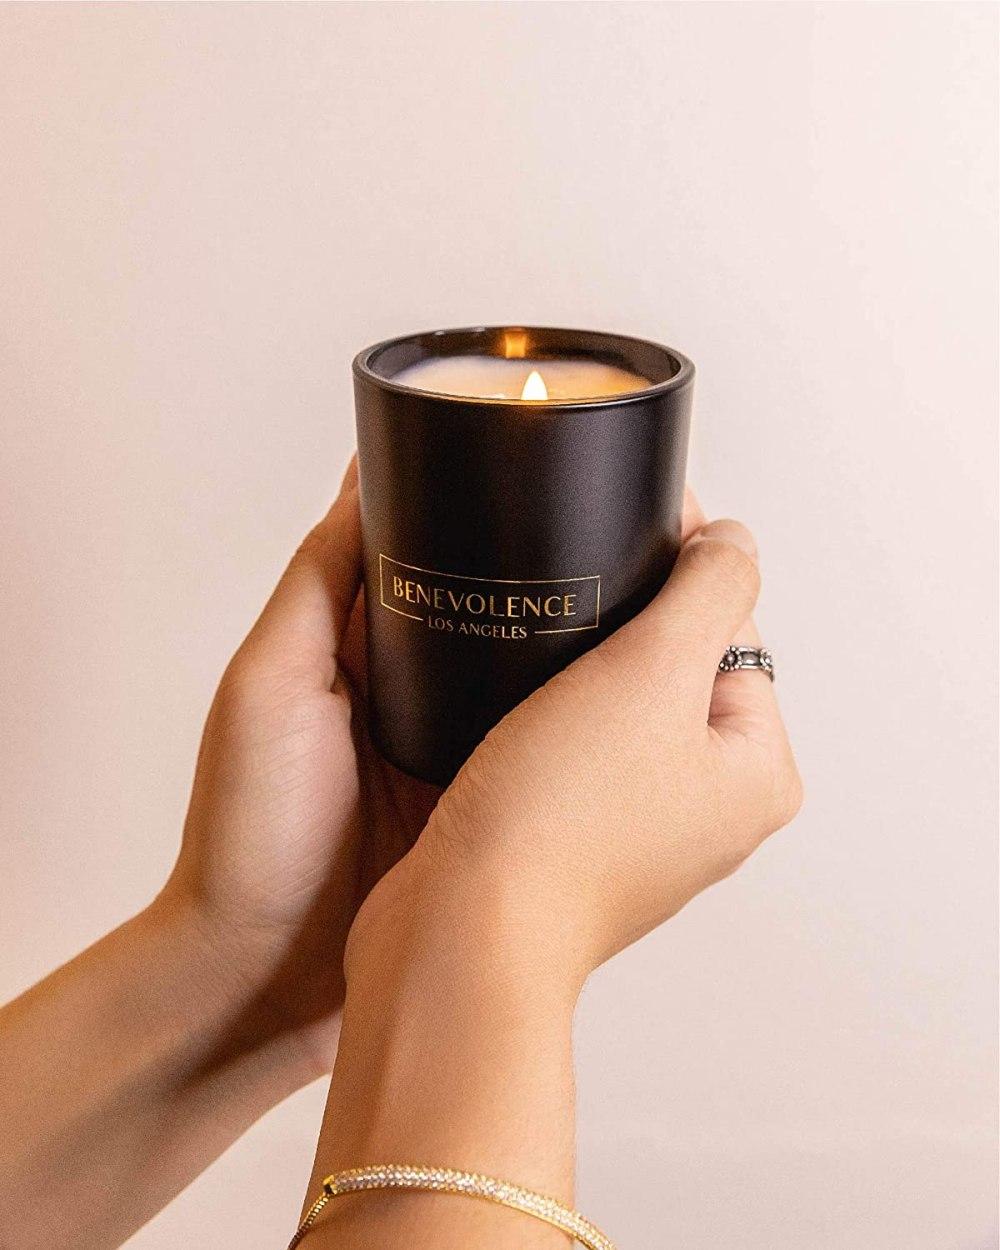 Premium Rose & Sandalwood Candle